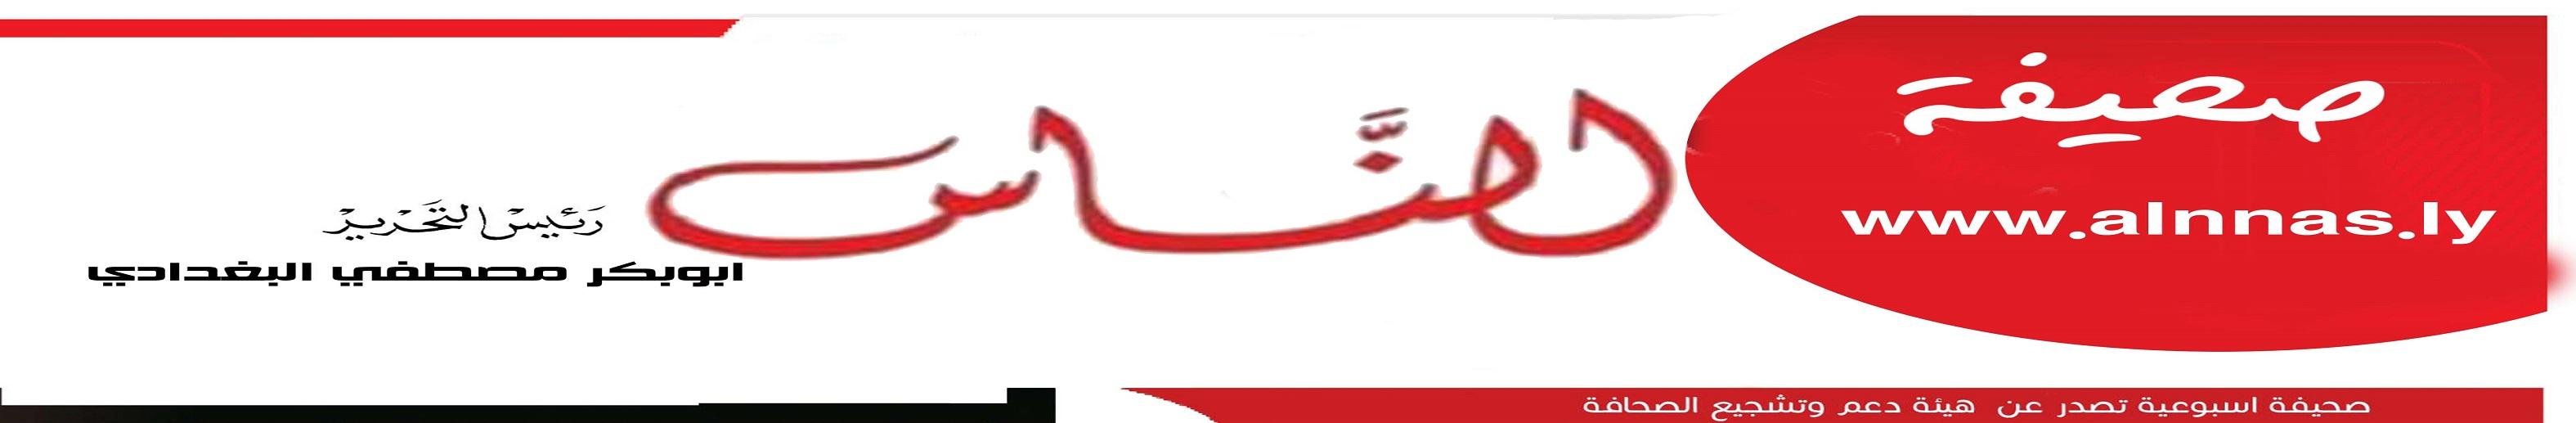 صحيفة الناس الليبية